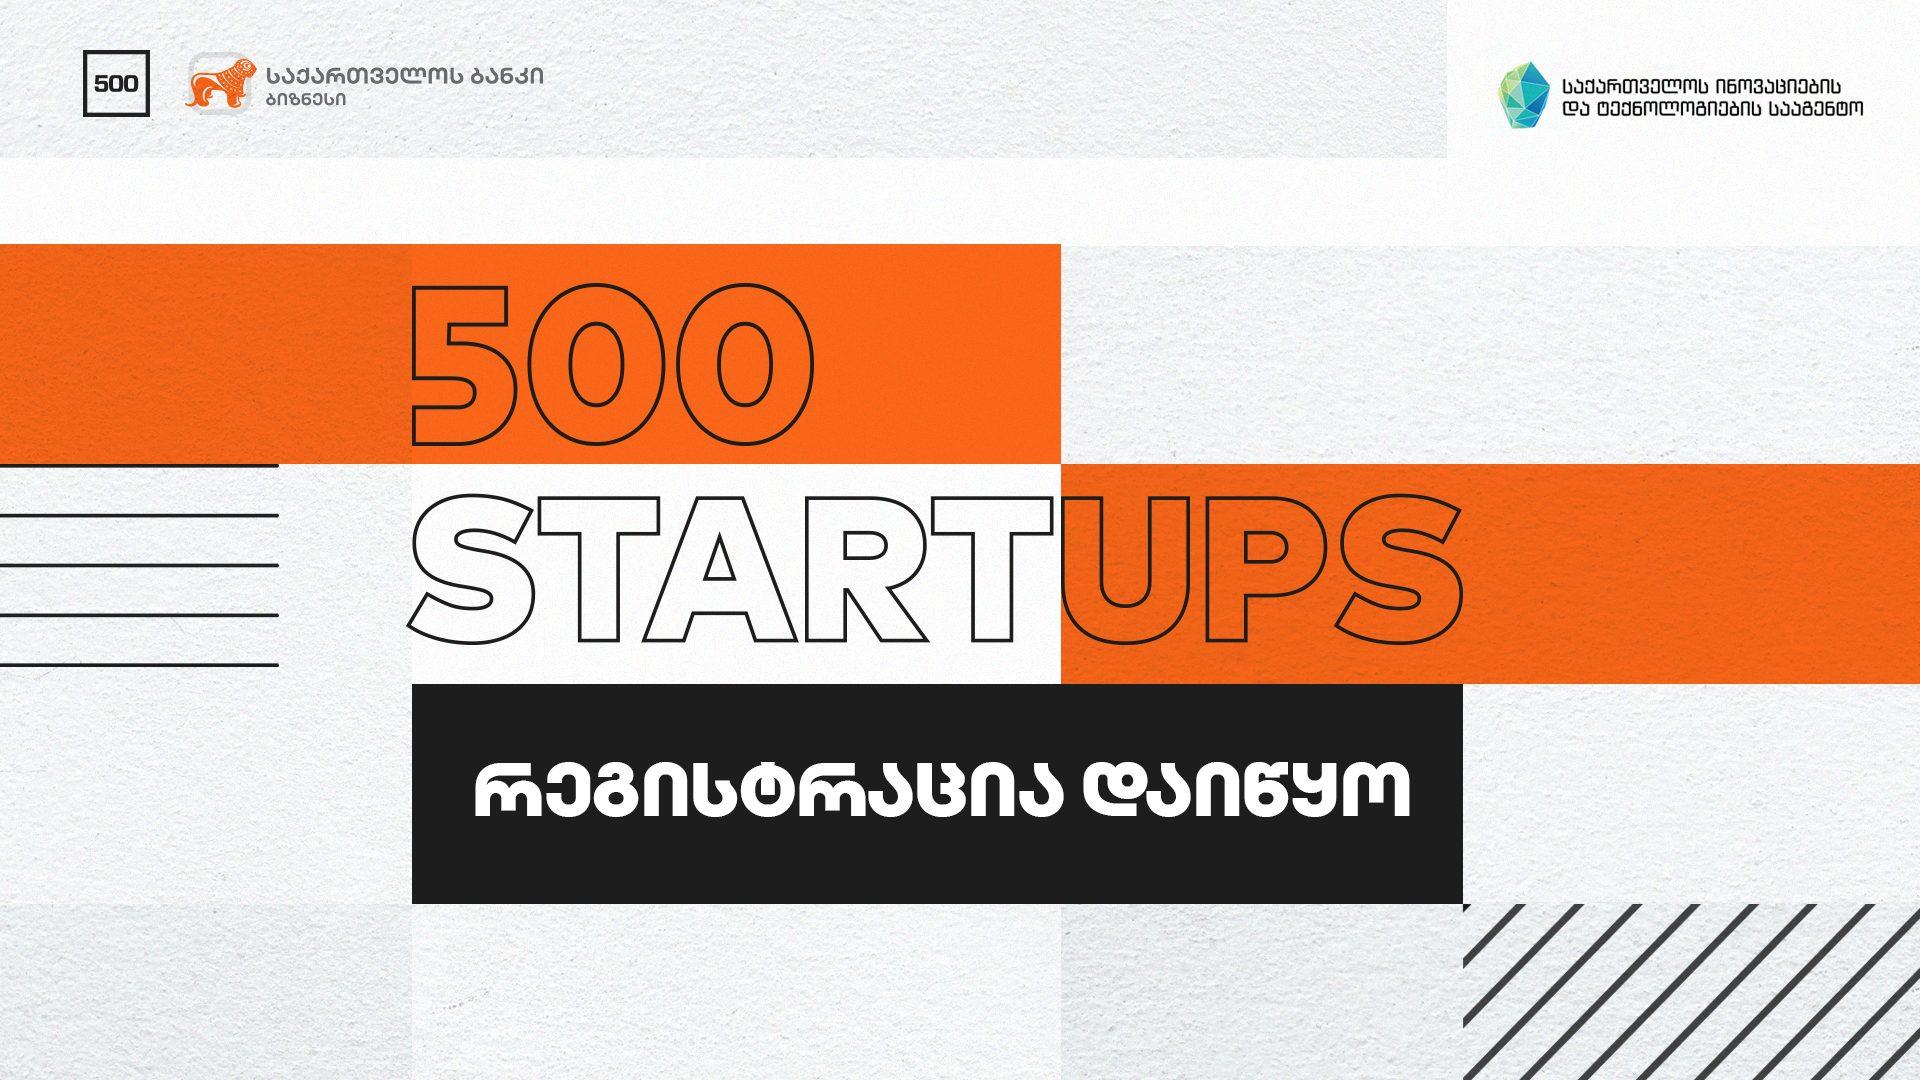 Photo of საქართველოს ბანკის მხარდაჭერით უმსხვილეს ბიზნეს აქსელერატორ 500 Startups -ზე რეგისტრაცია დაიწყო